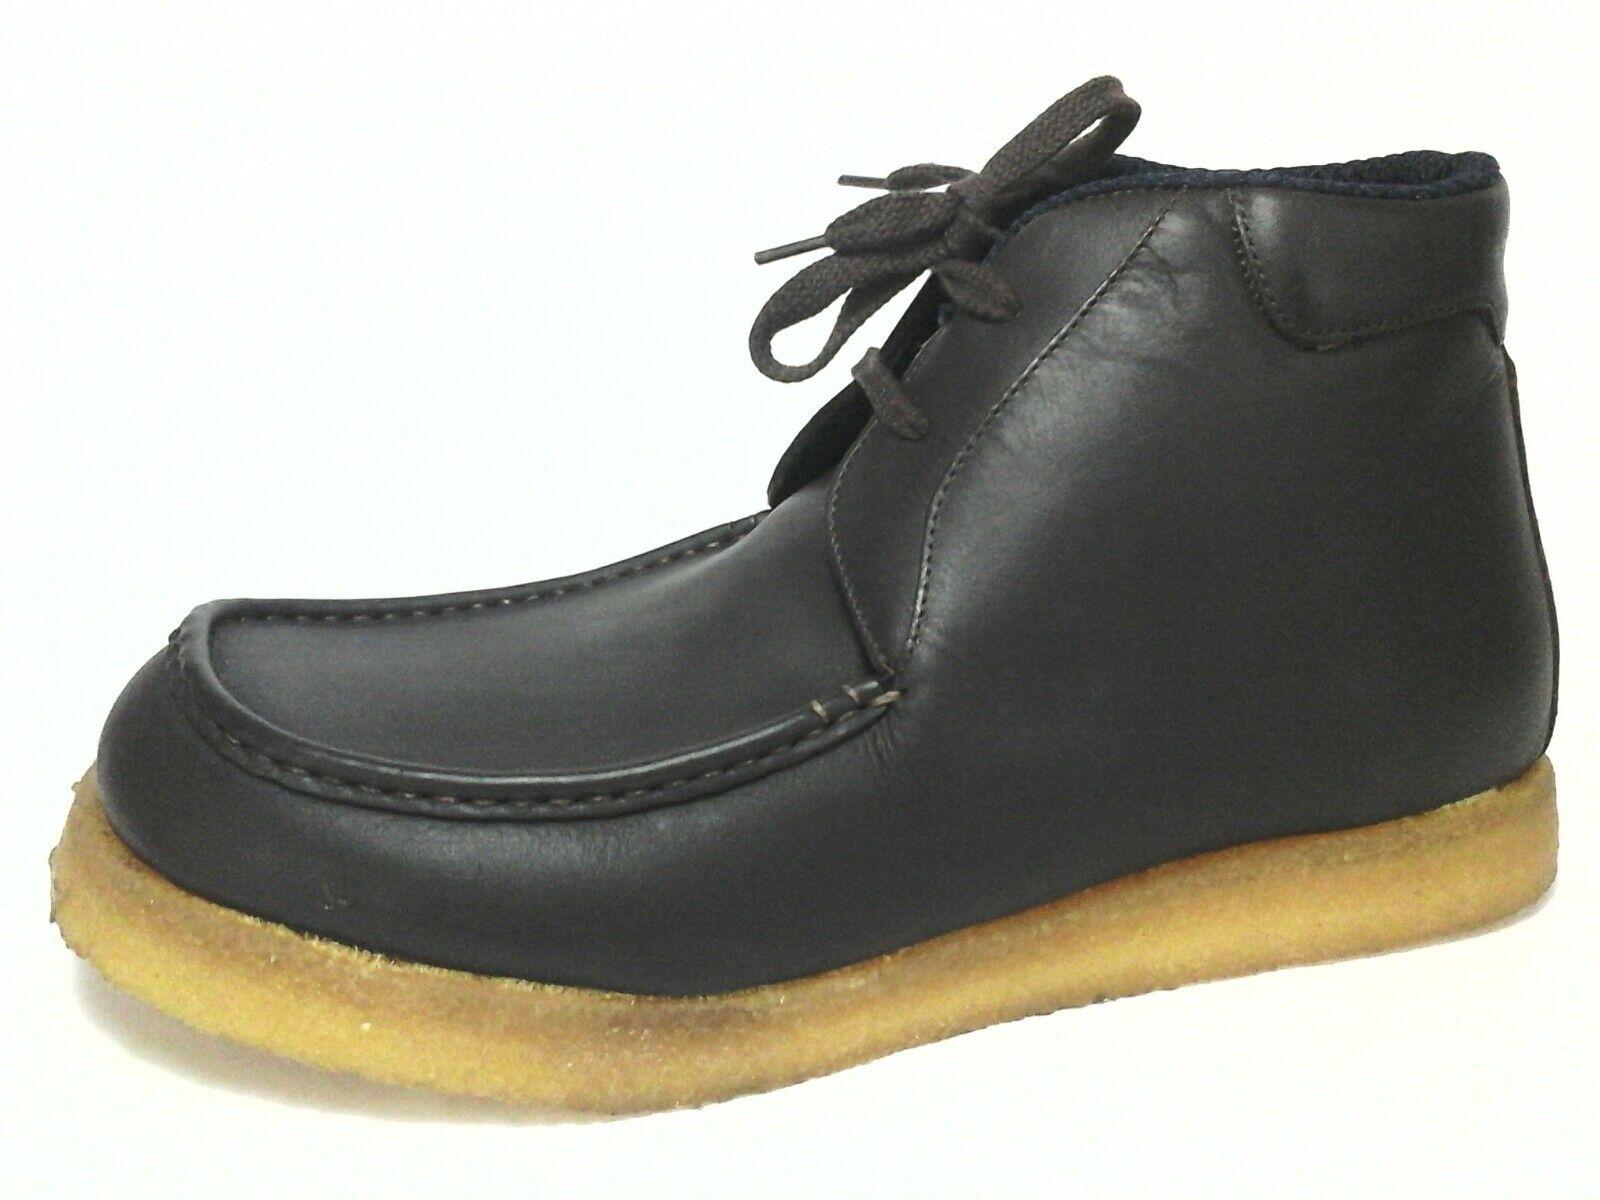 Stussy Moc Informal Chukka botas De Cuero Marrón para Hombre Crepe suelas US 12